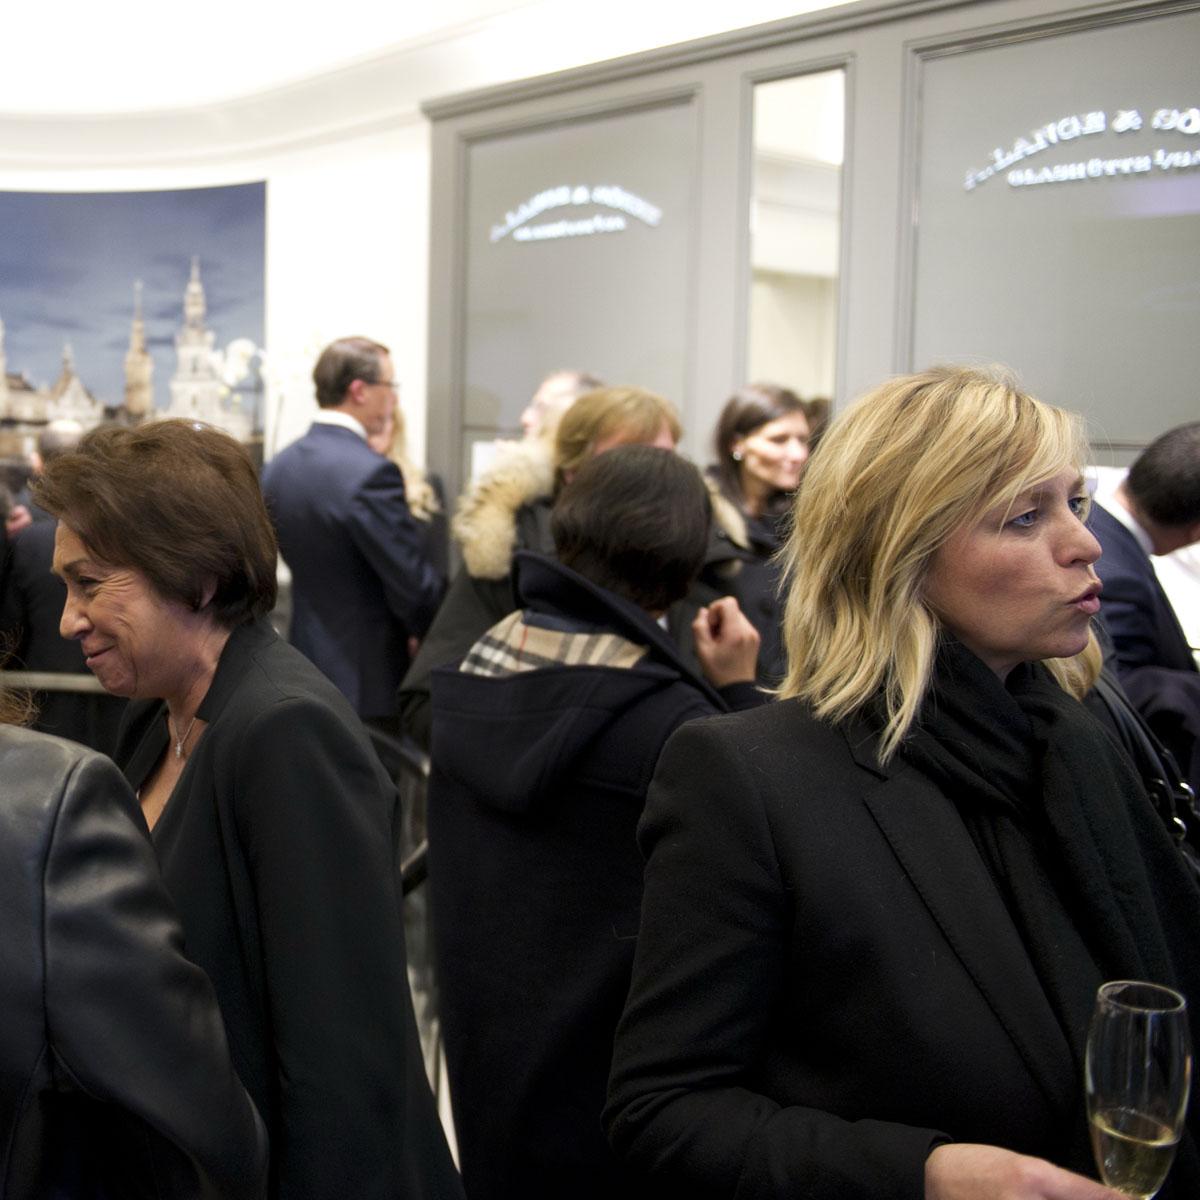 La Cote des Montres : Photo - Inauguration de la première boutique A.Lange